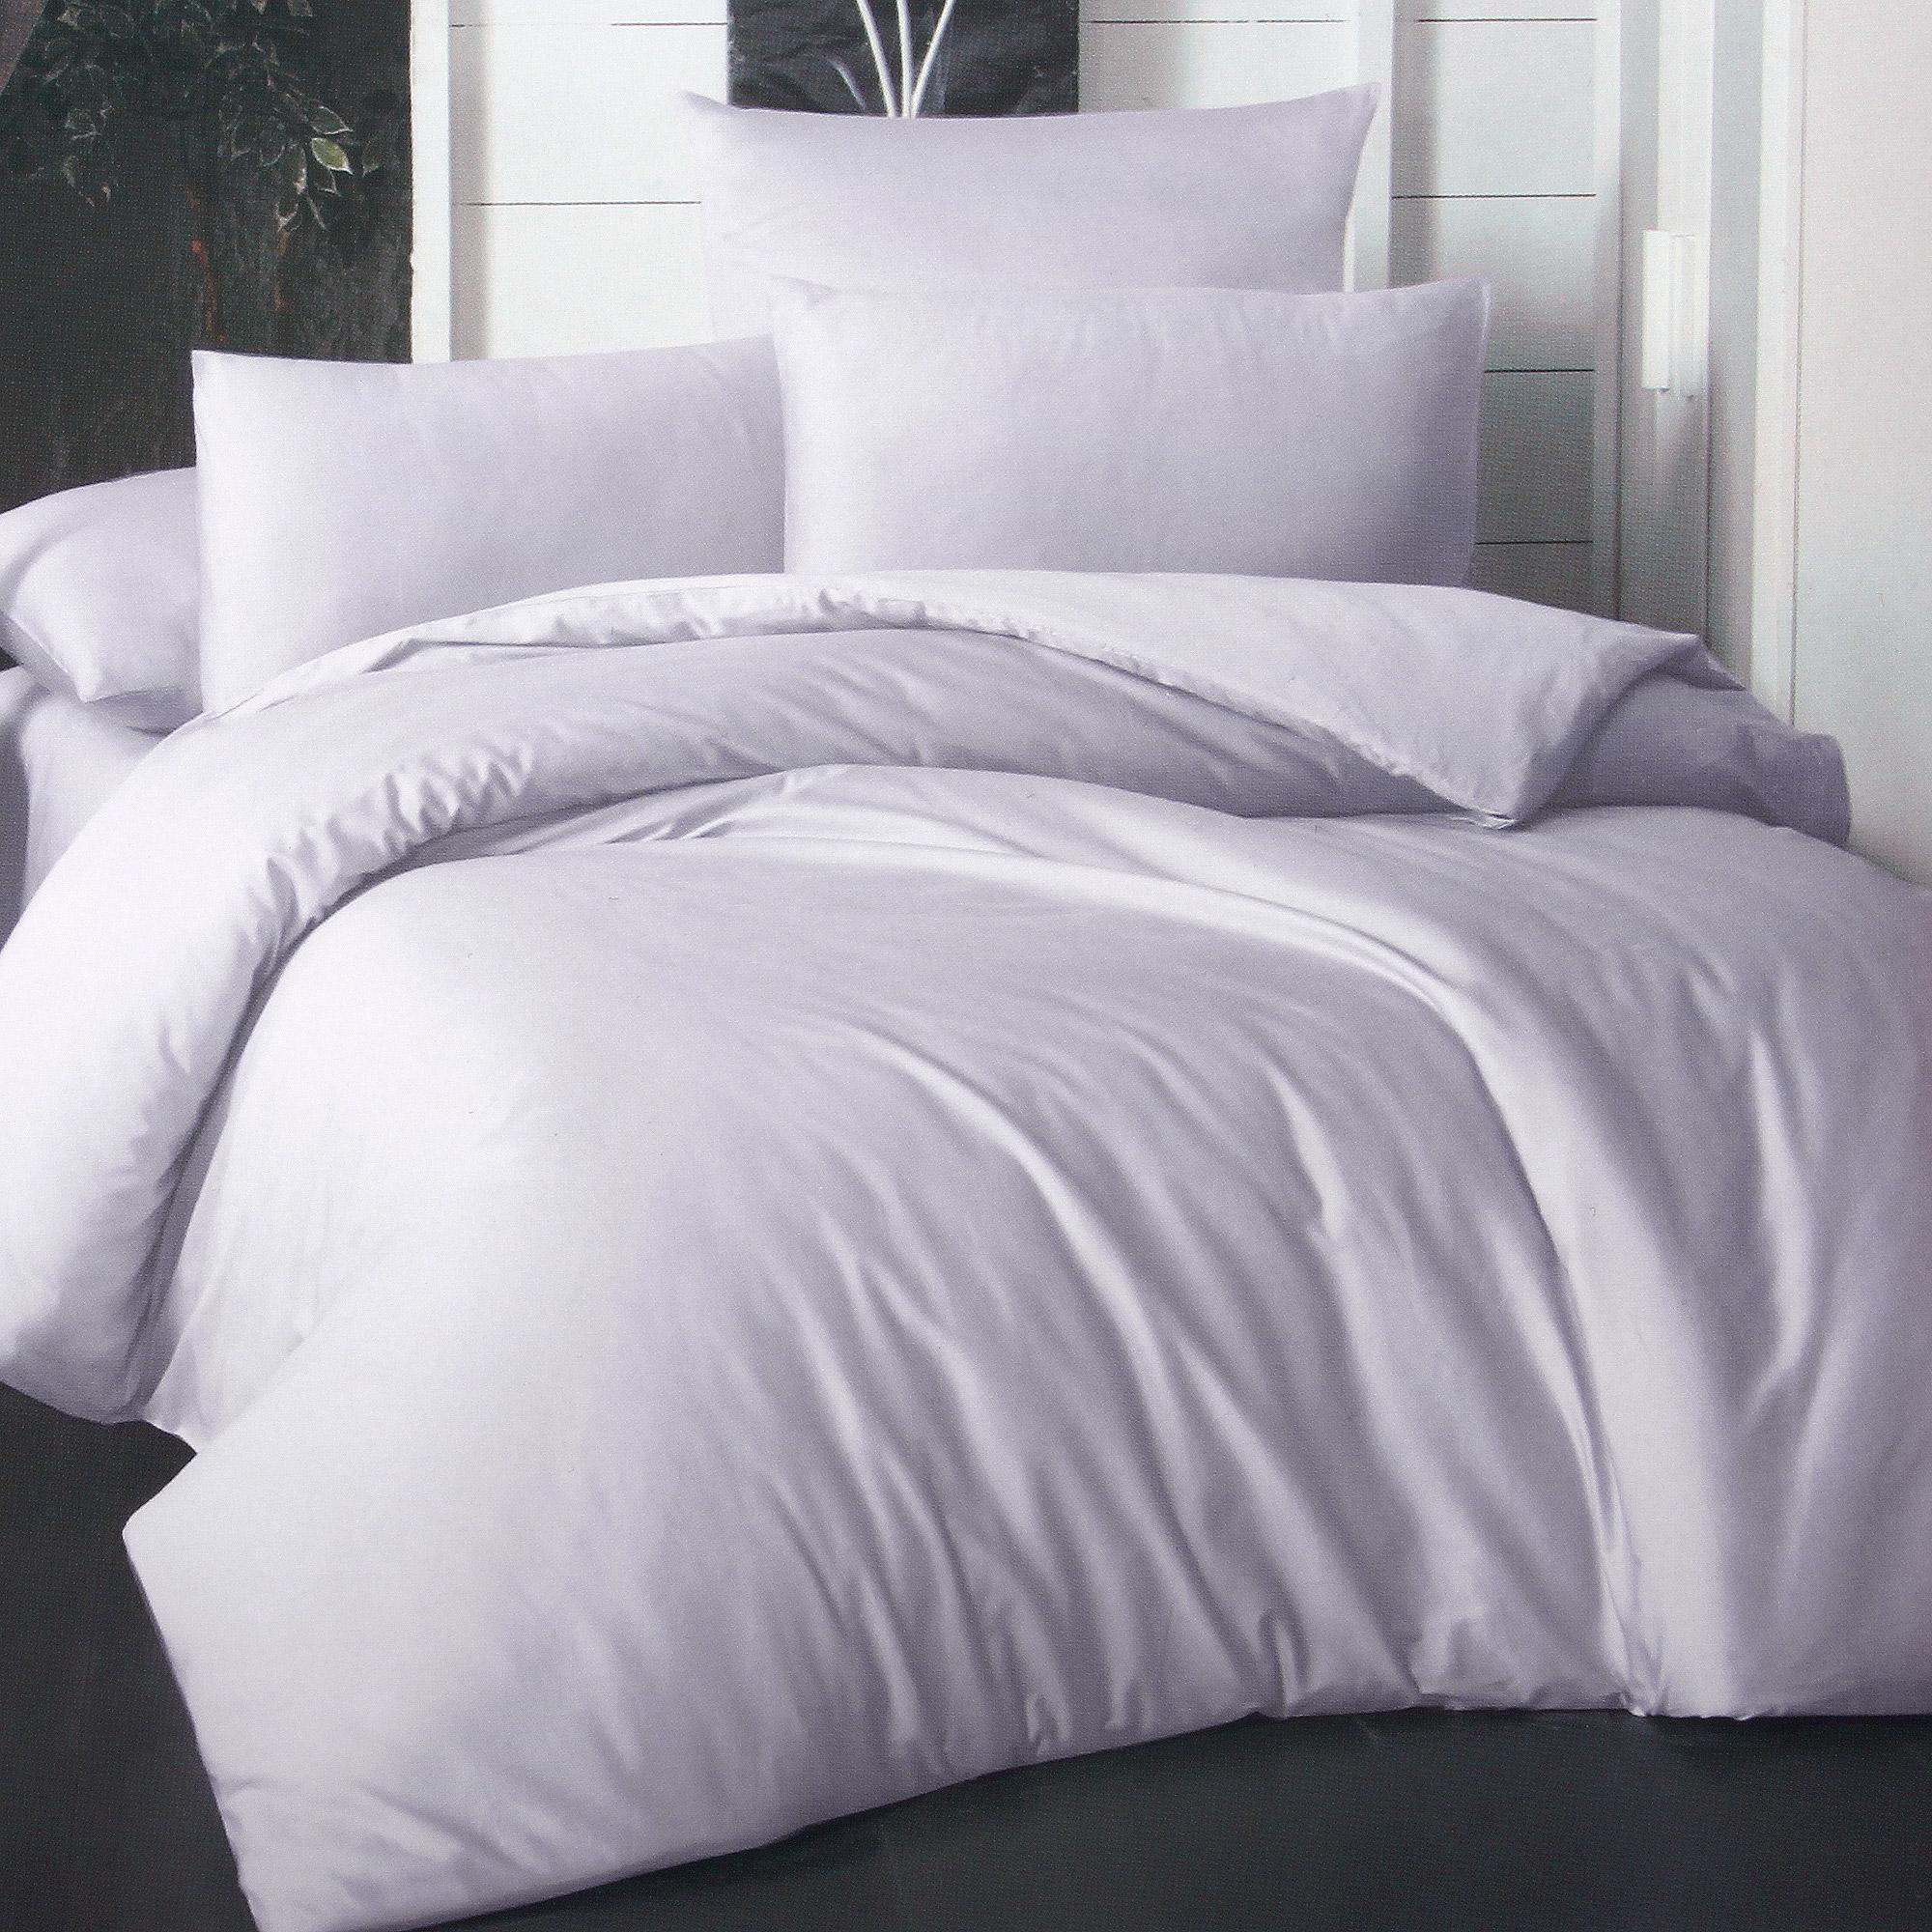 Фото - Комплект постельного белья La Besse Ранфорс сиреневый Евро комплект постельного белья la besse ранфорс тёмно серый евро